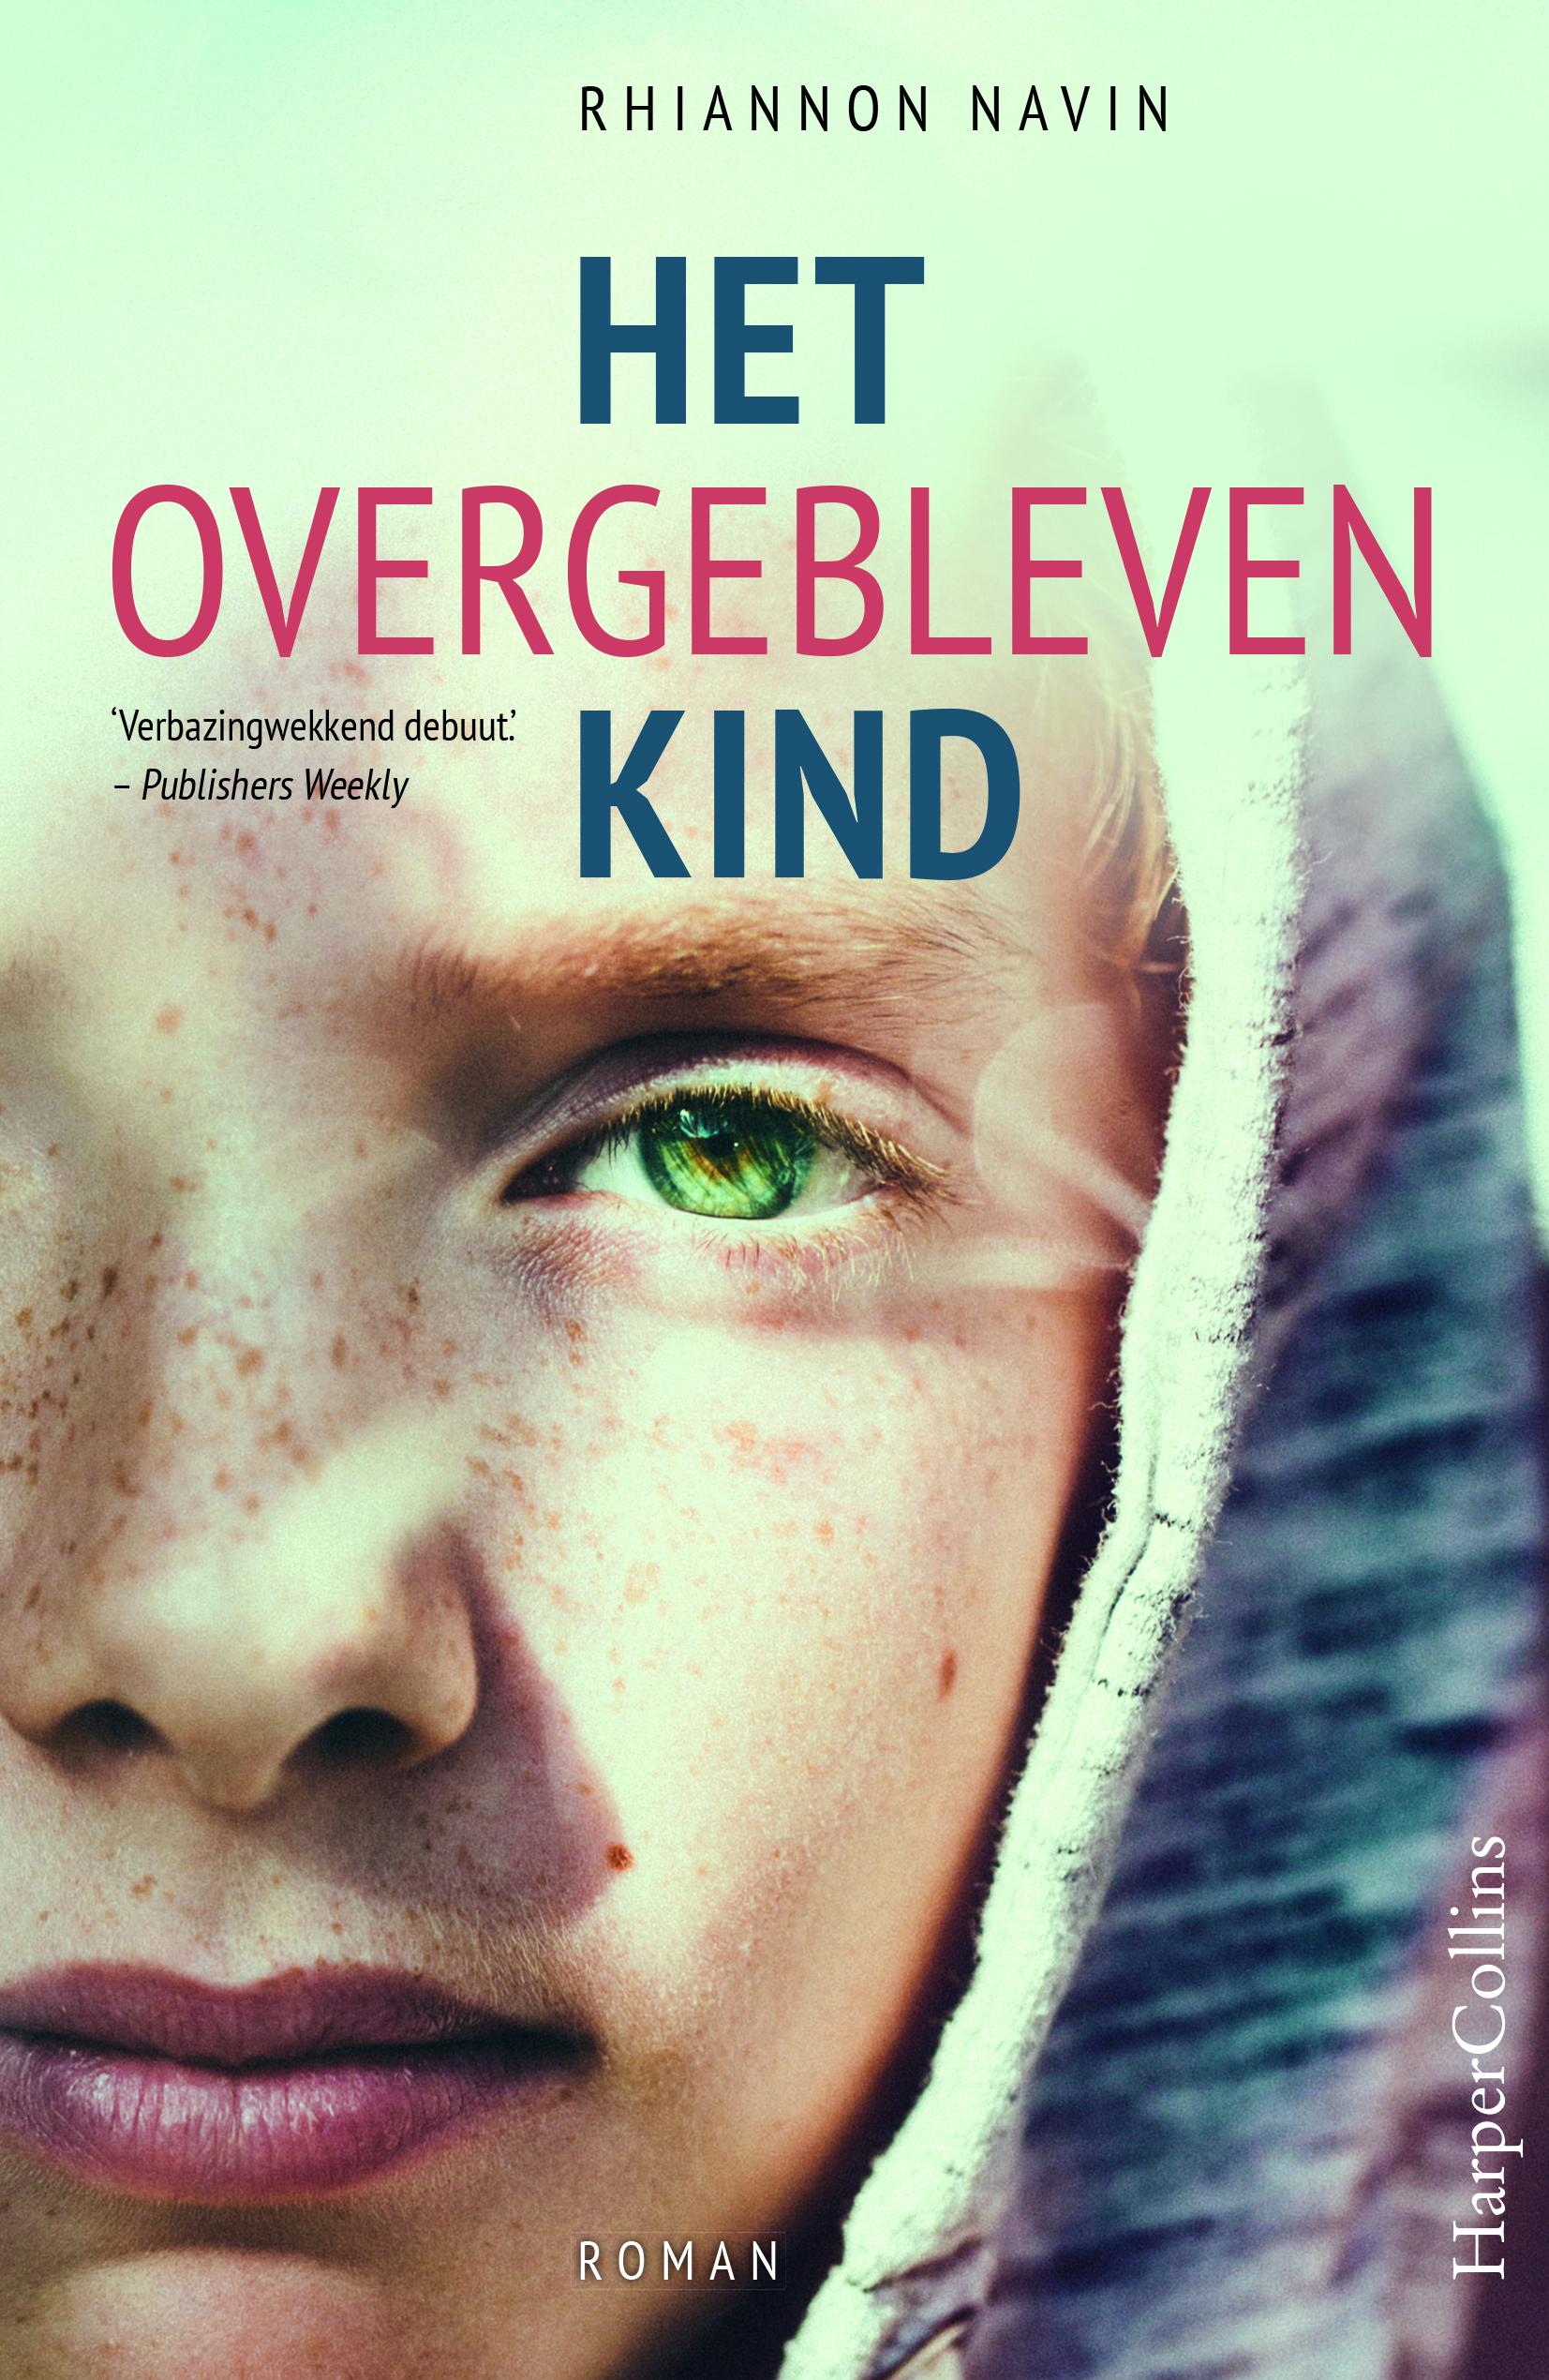 The Netherlands // Harper Collins Holland, October 2018